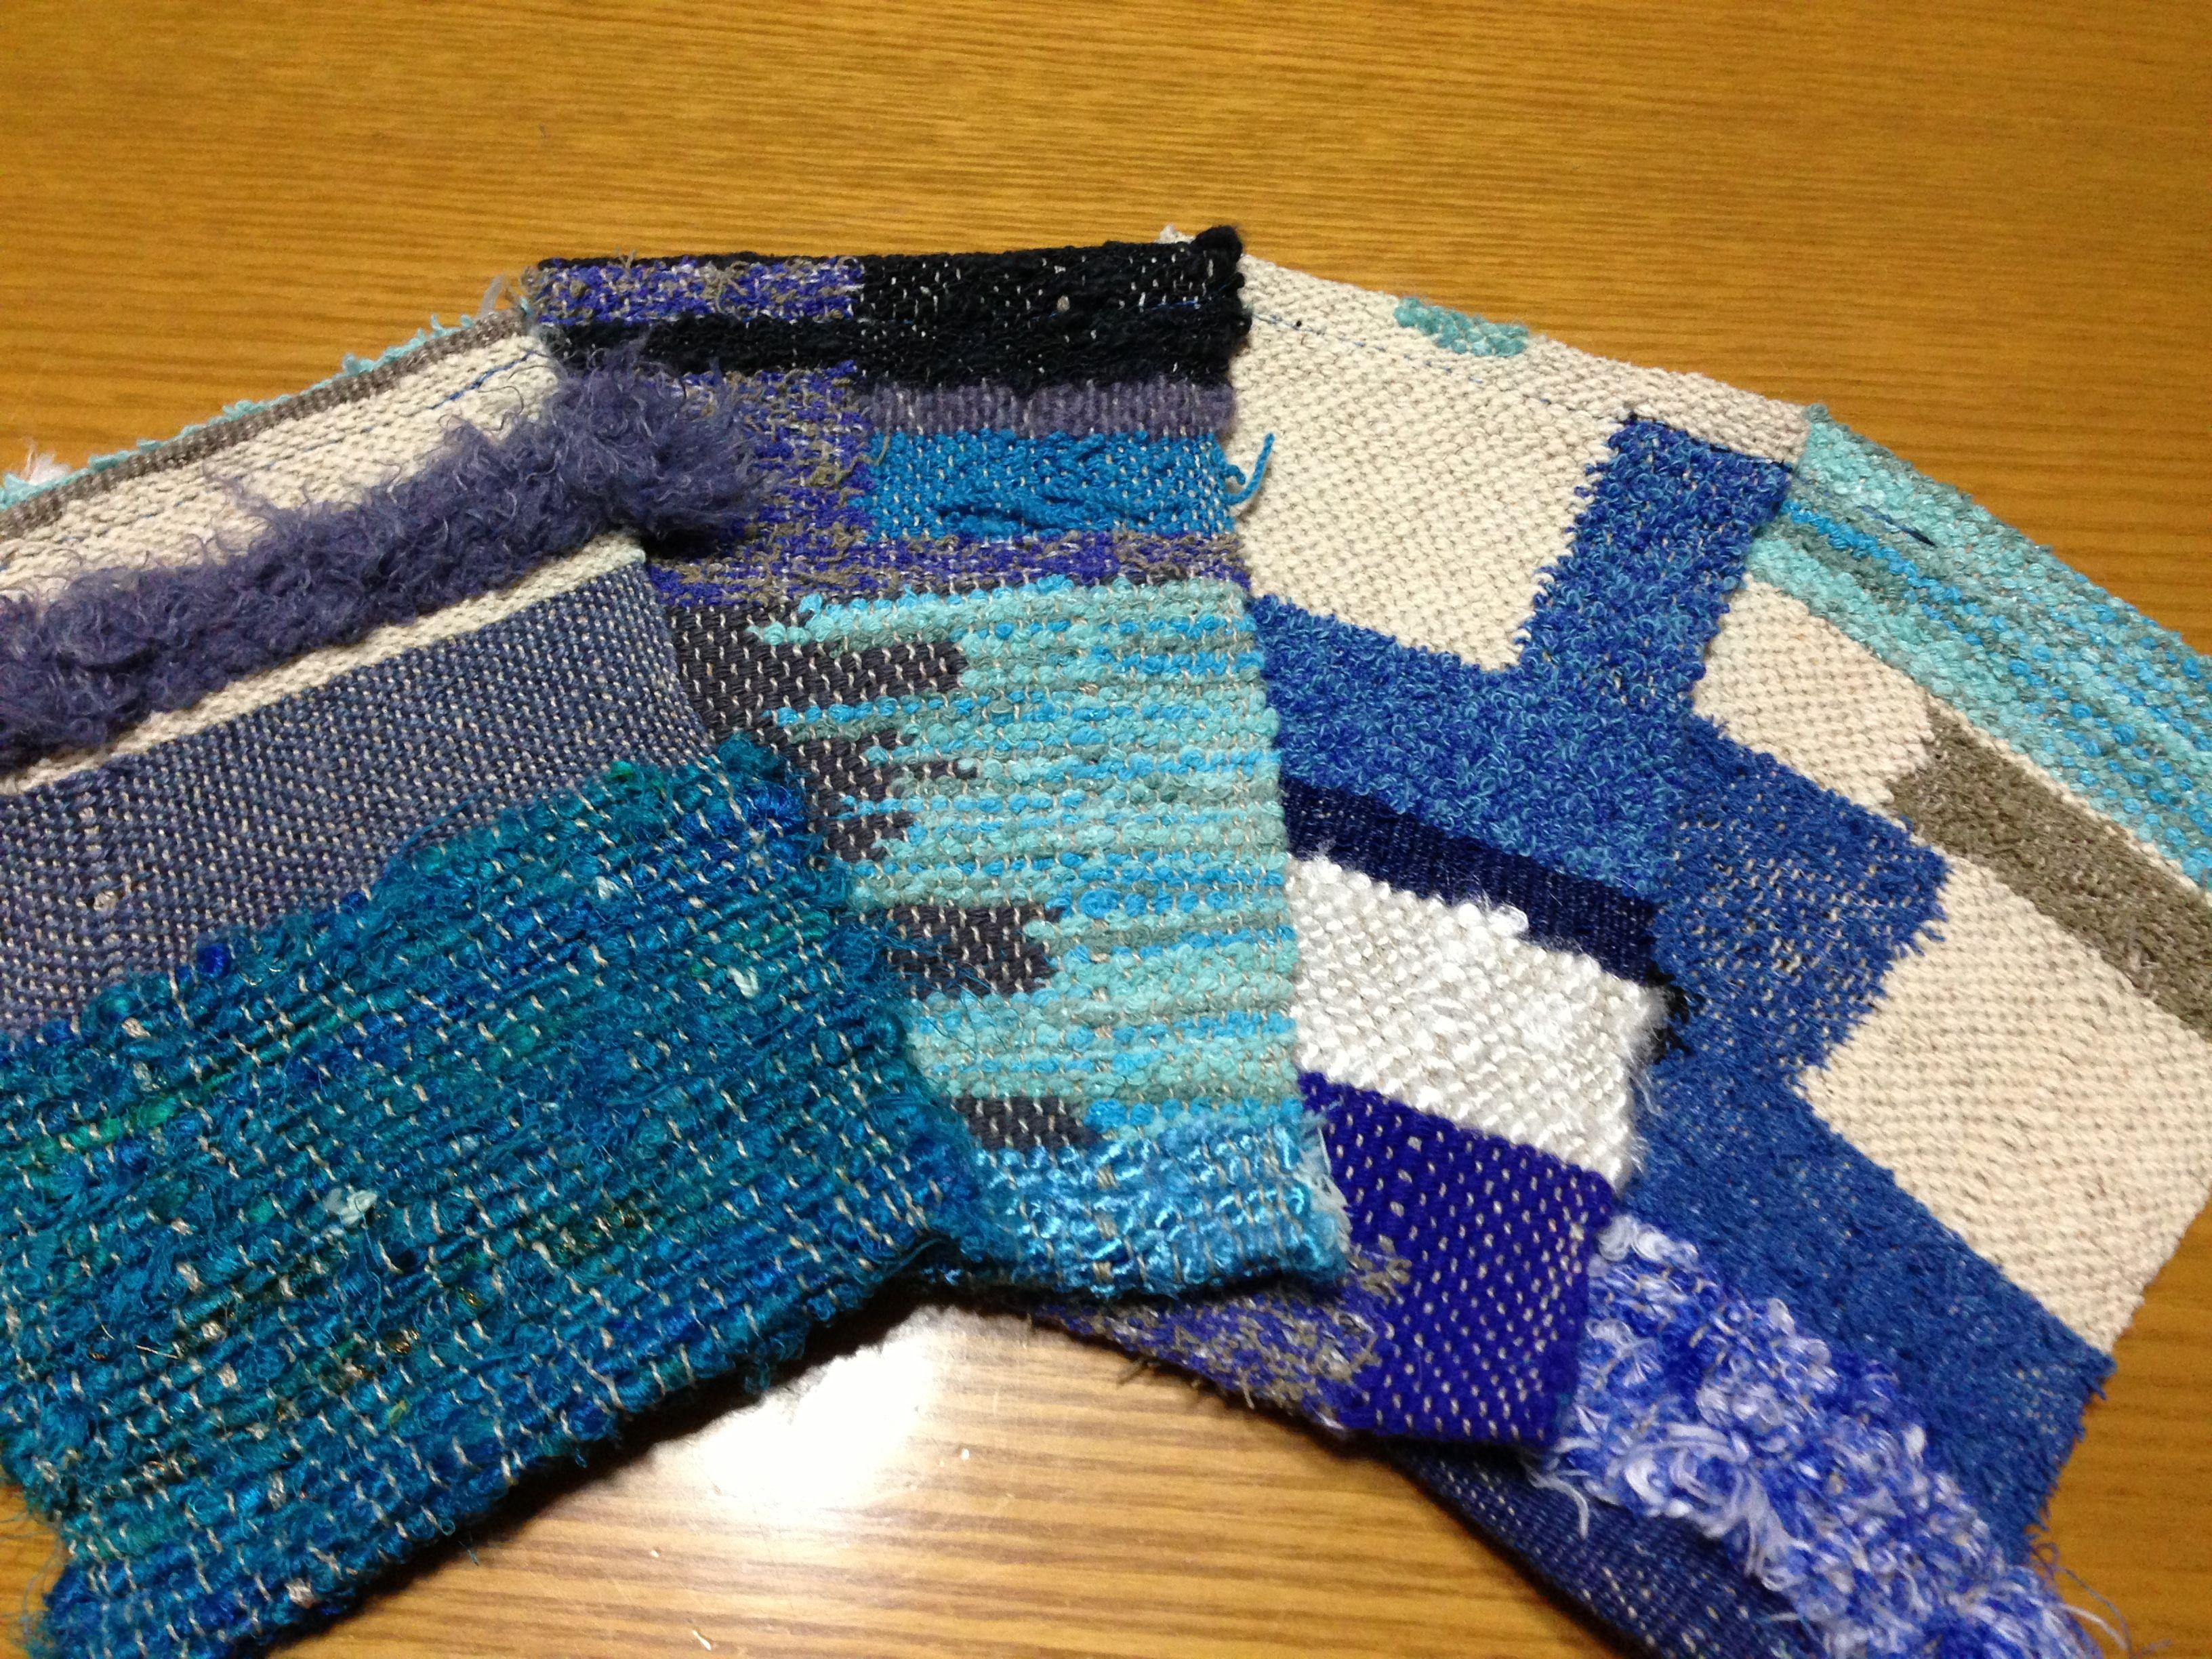 koiketama's hand weaved mats